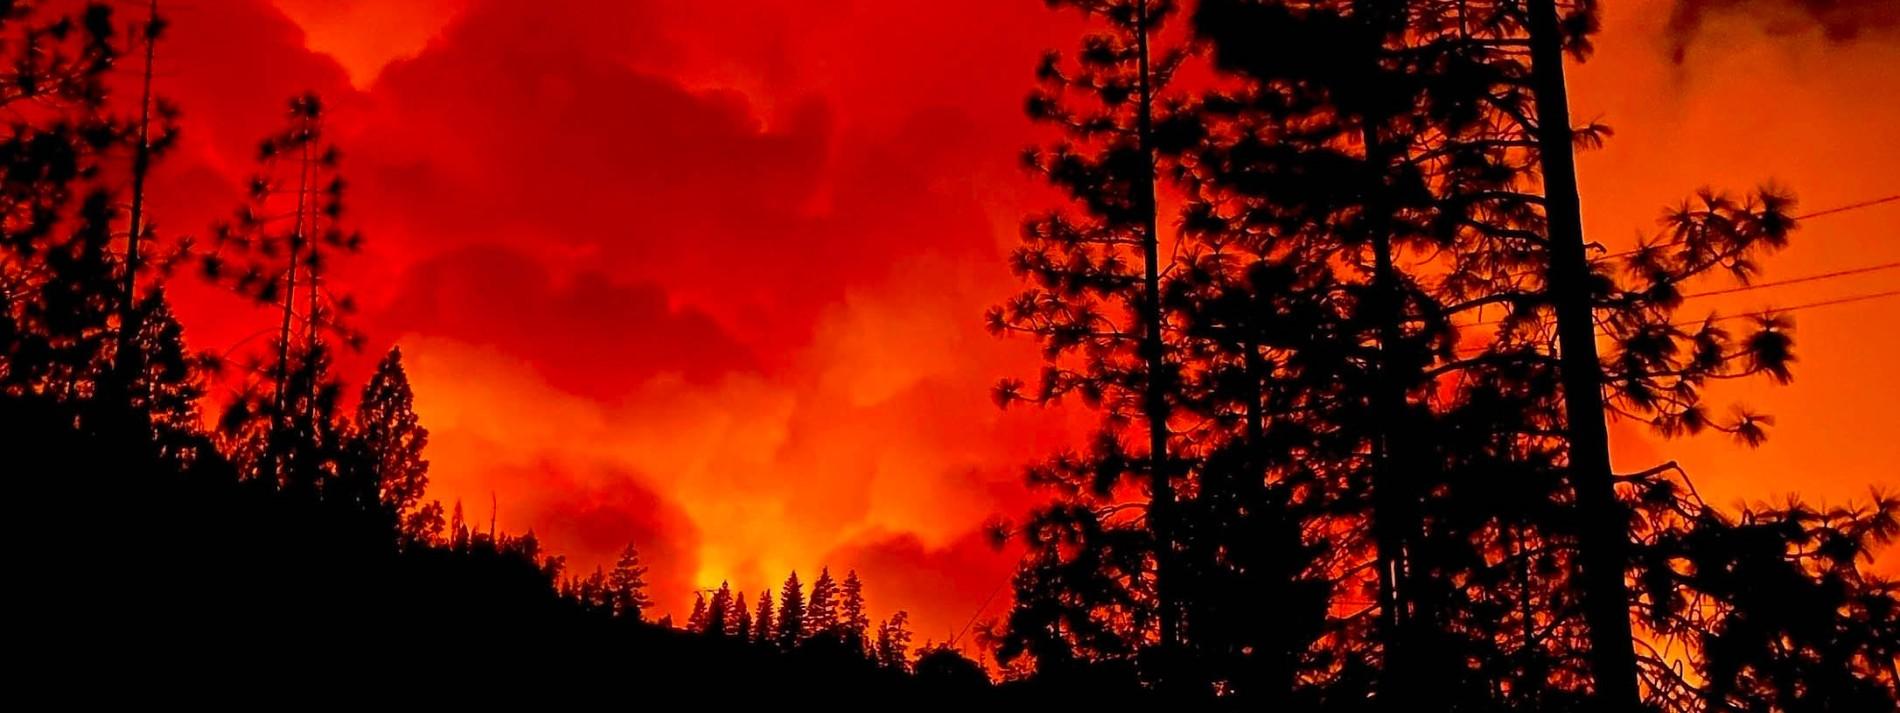 Rund tausend Menschen auf Campingplatz von Feuer eingeschlossen